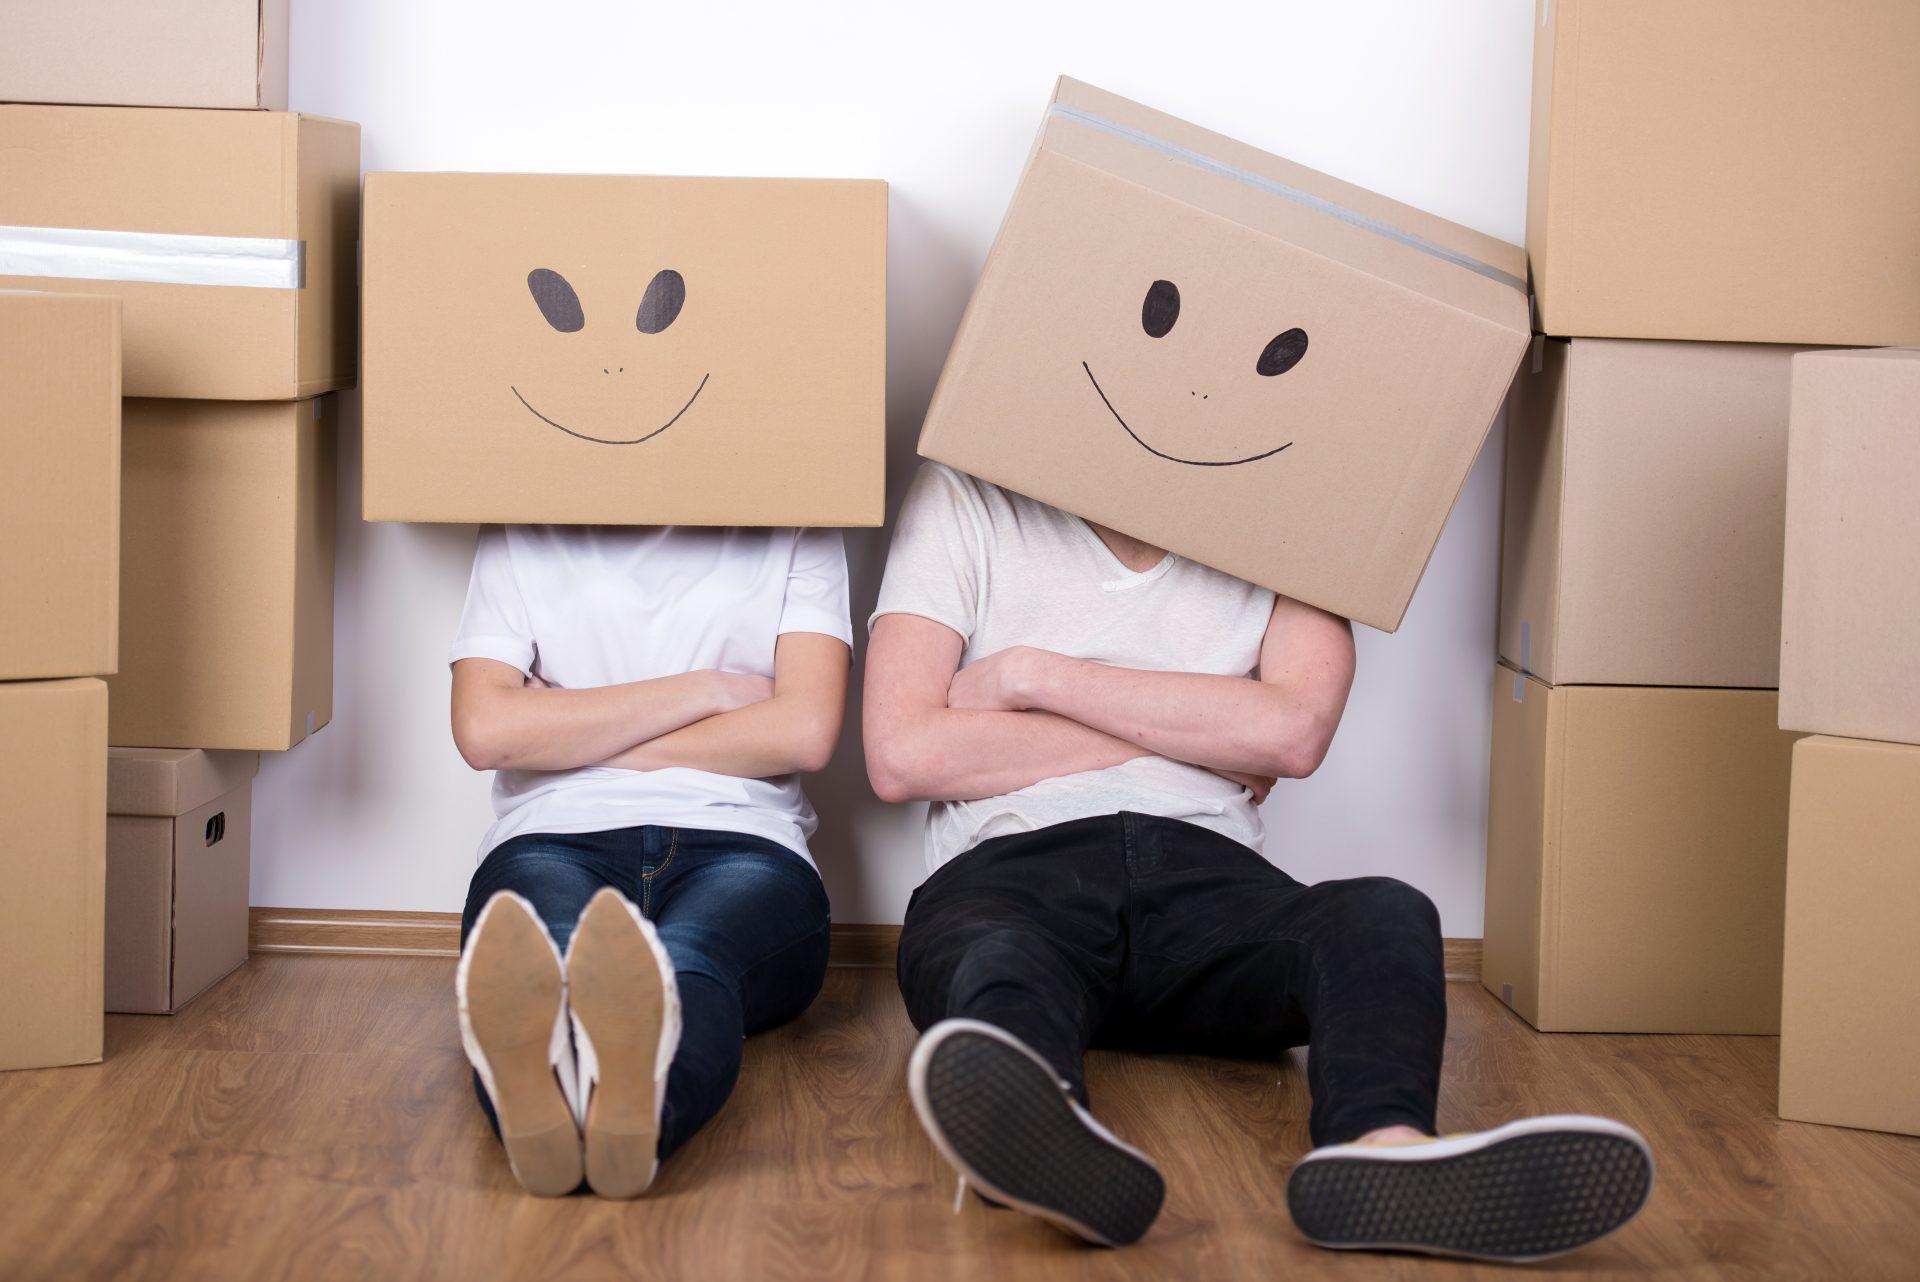 Najtańsze przesyłki – porównanie cen paczki według wagi i czasu